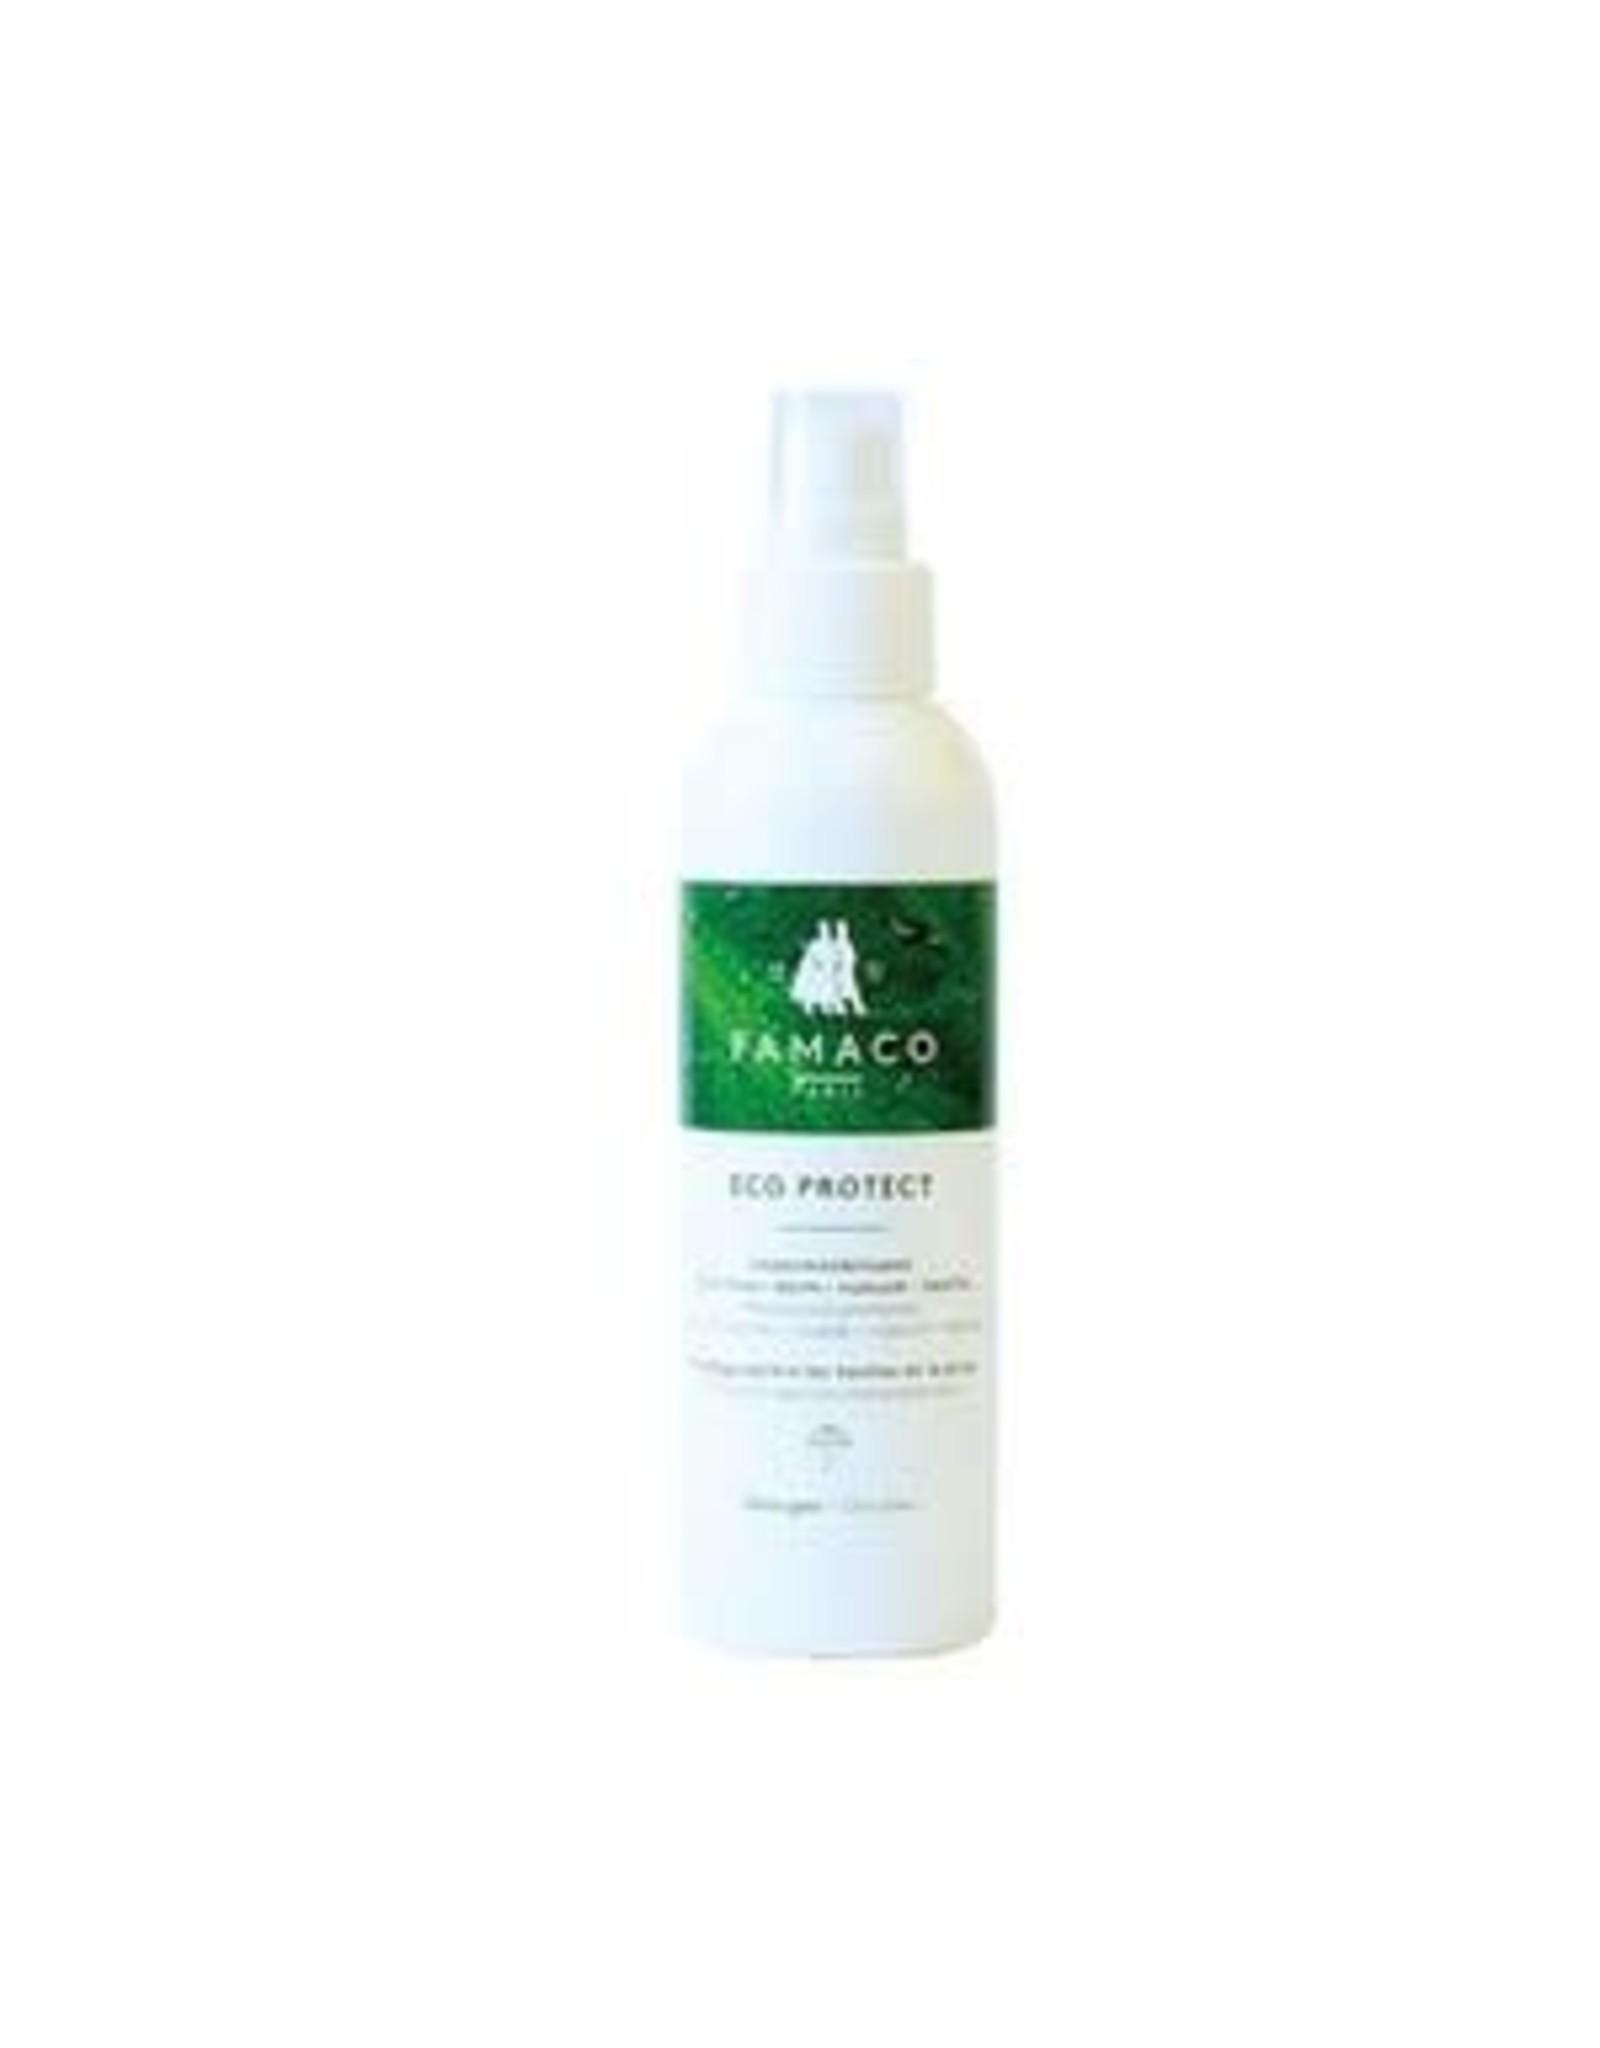 Famaco ECO protect spray (leder, suede nubuck, textiel)